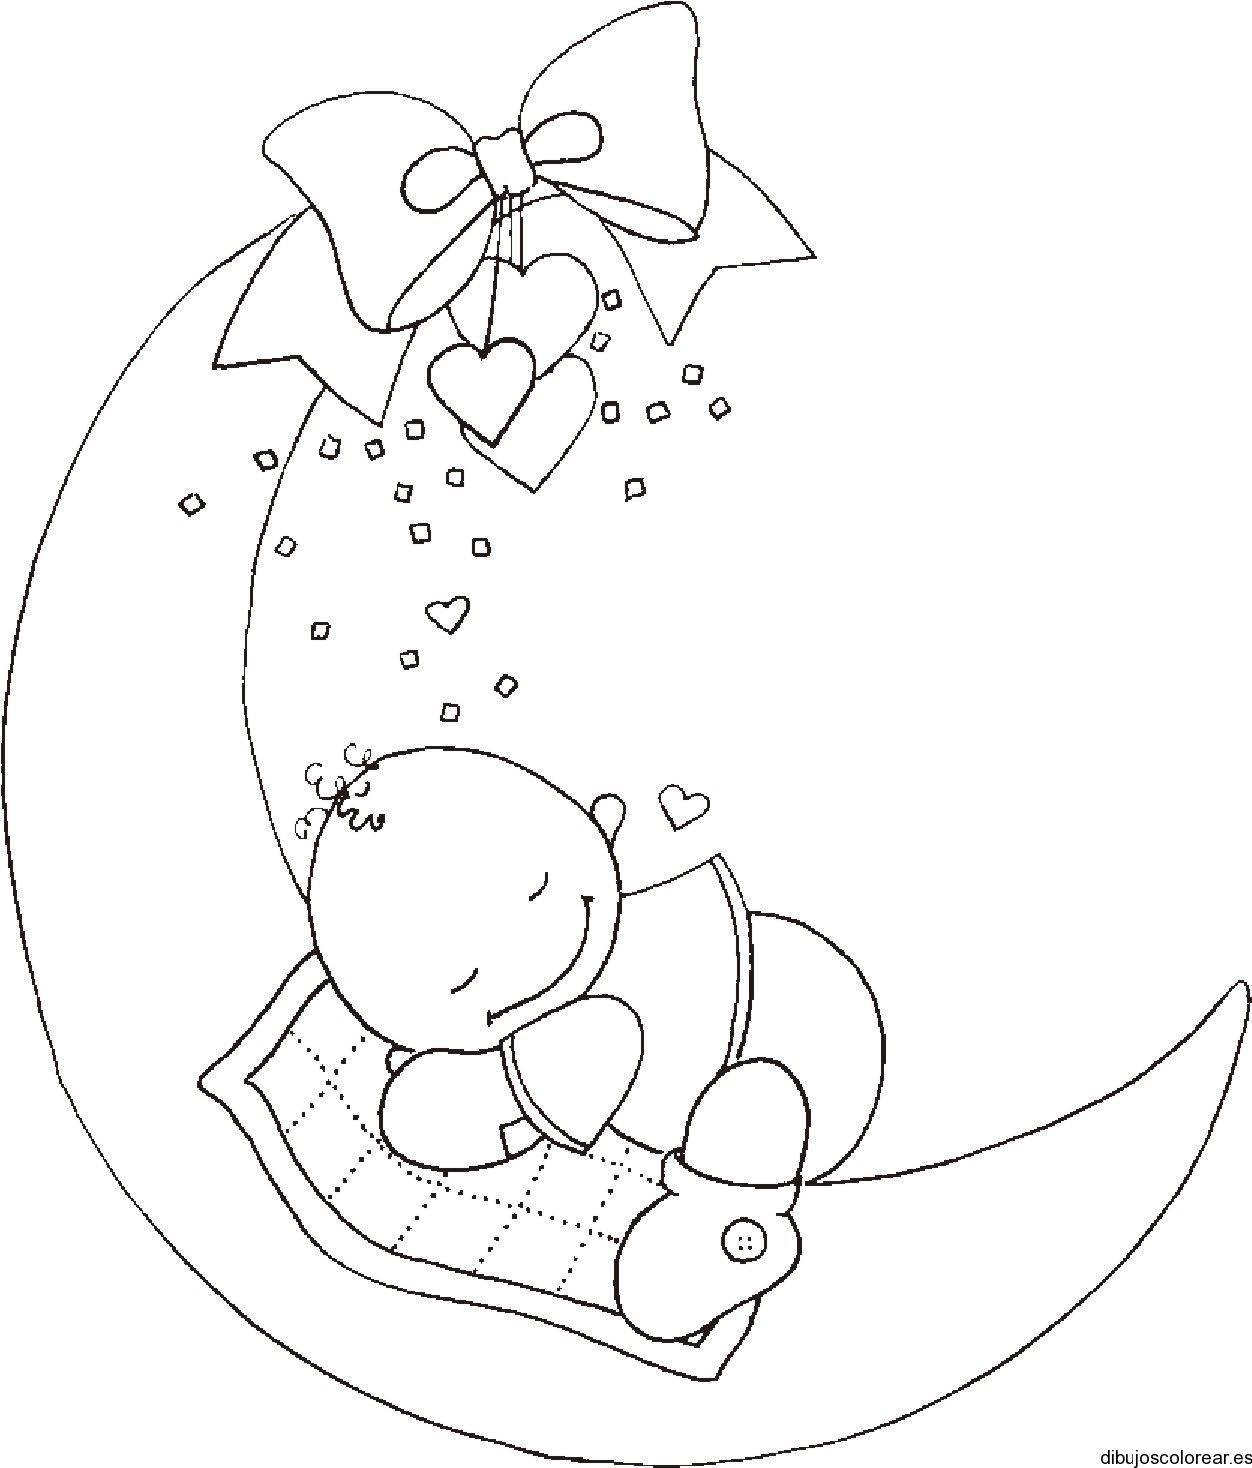 Dibujo de un bebé sobre la luna | Dibujos para Colorear | Baby ...